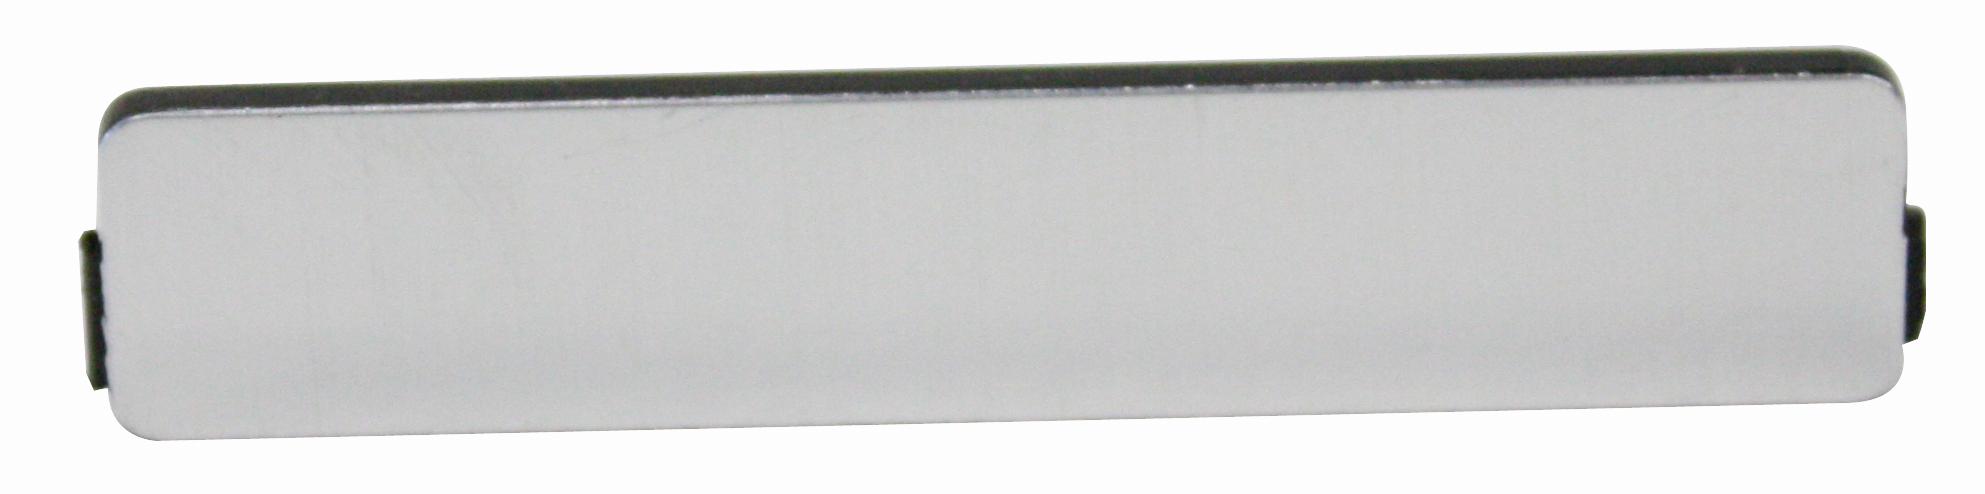 1 Stk Zusatzschild blank für IN022044-- von vorne gravierbar IN022033--